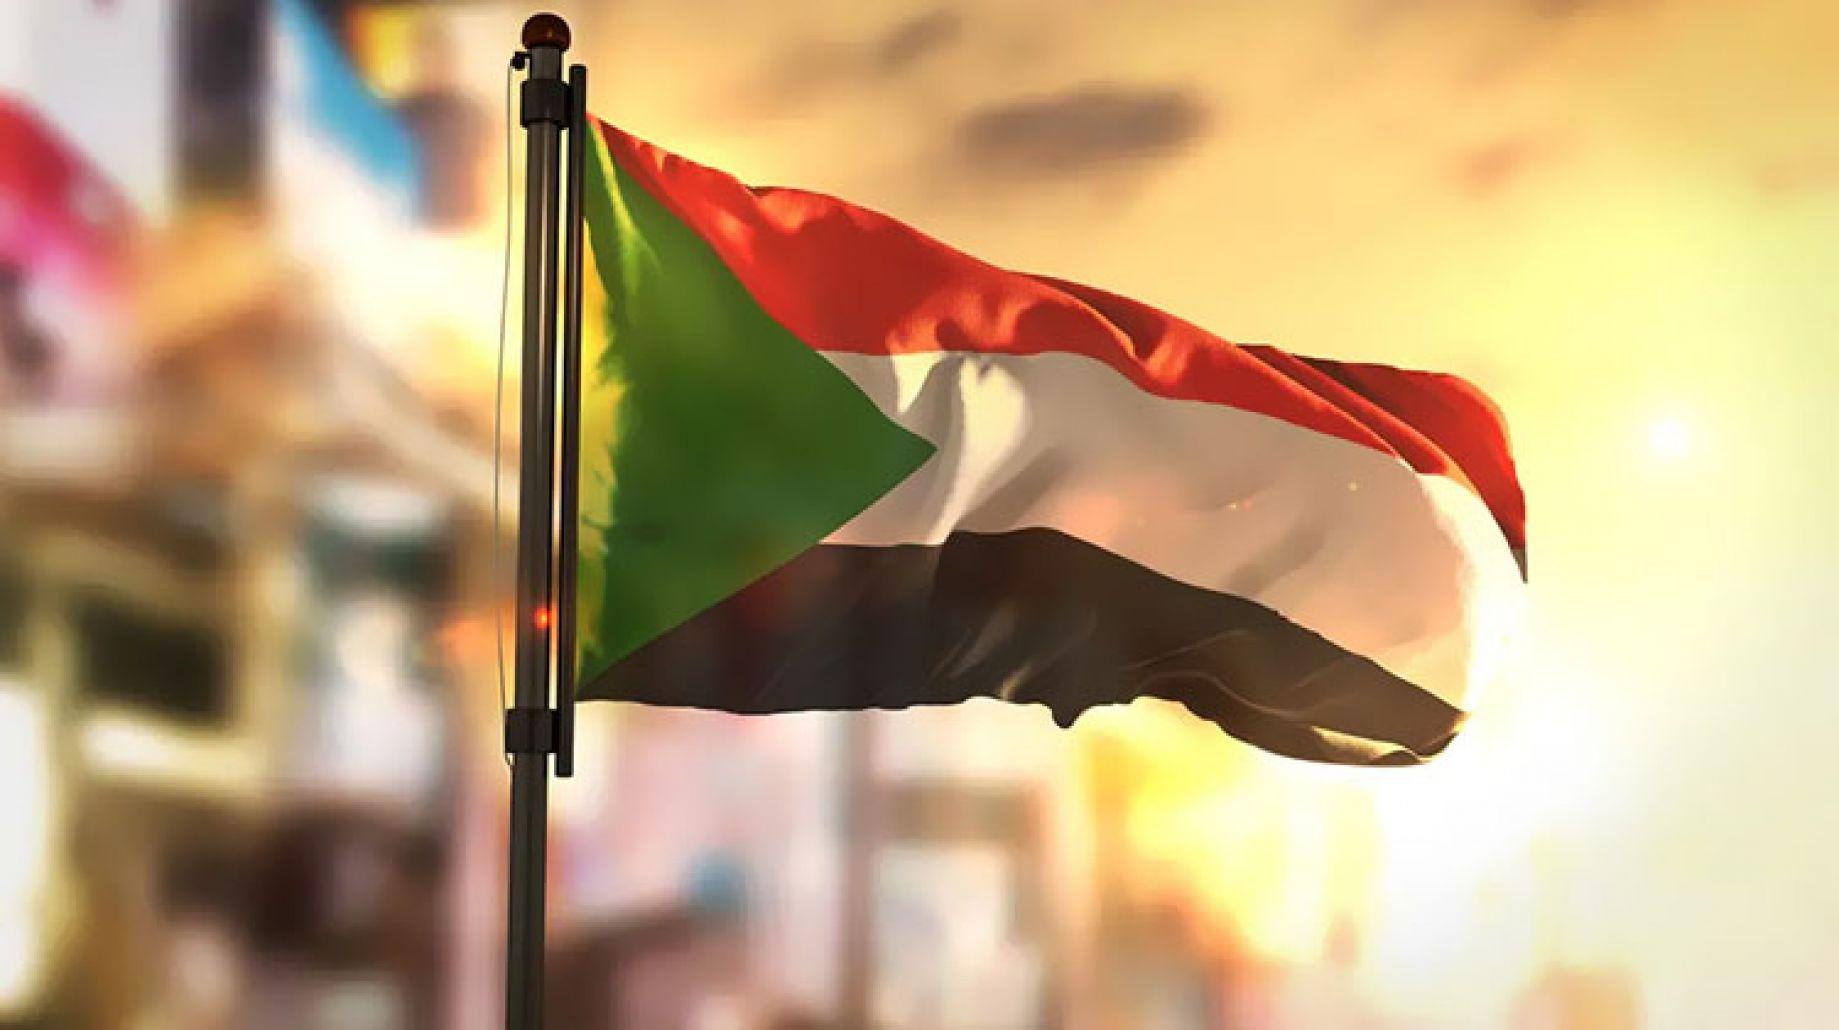 السودان ينضم إلى تحالف إفريقيا الذكية لمواكبة تكنولوجيا التحول الرقمي